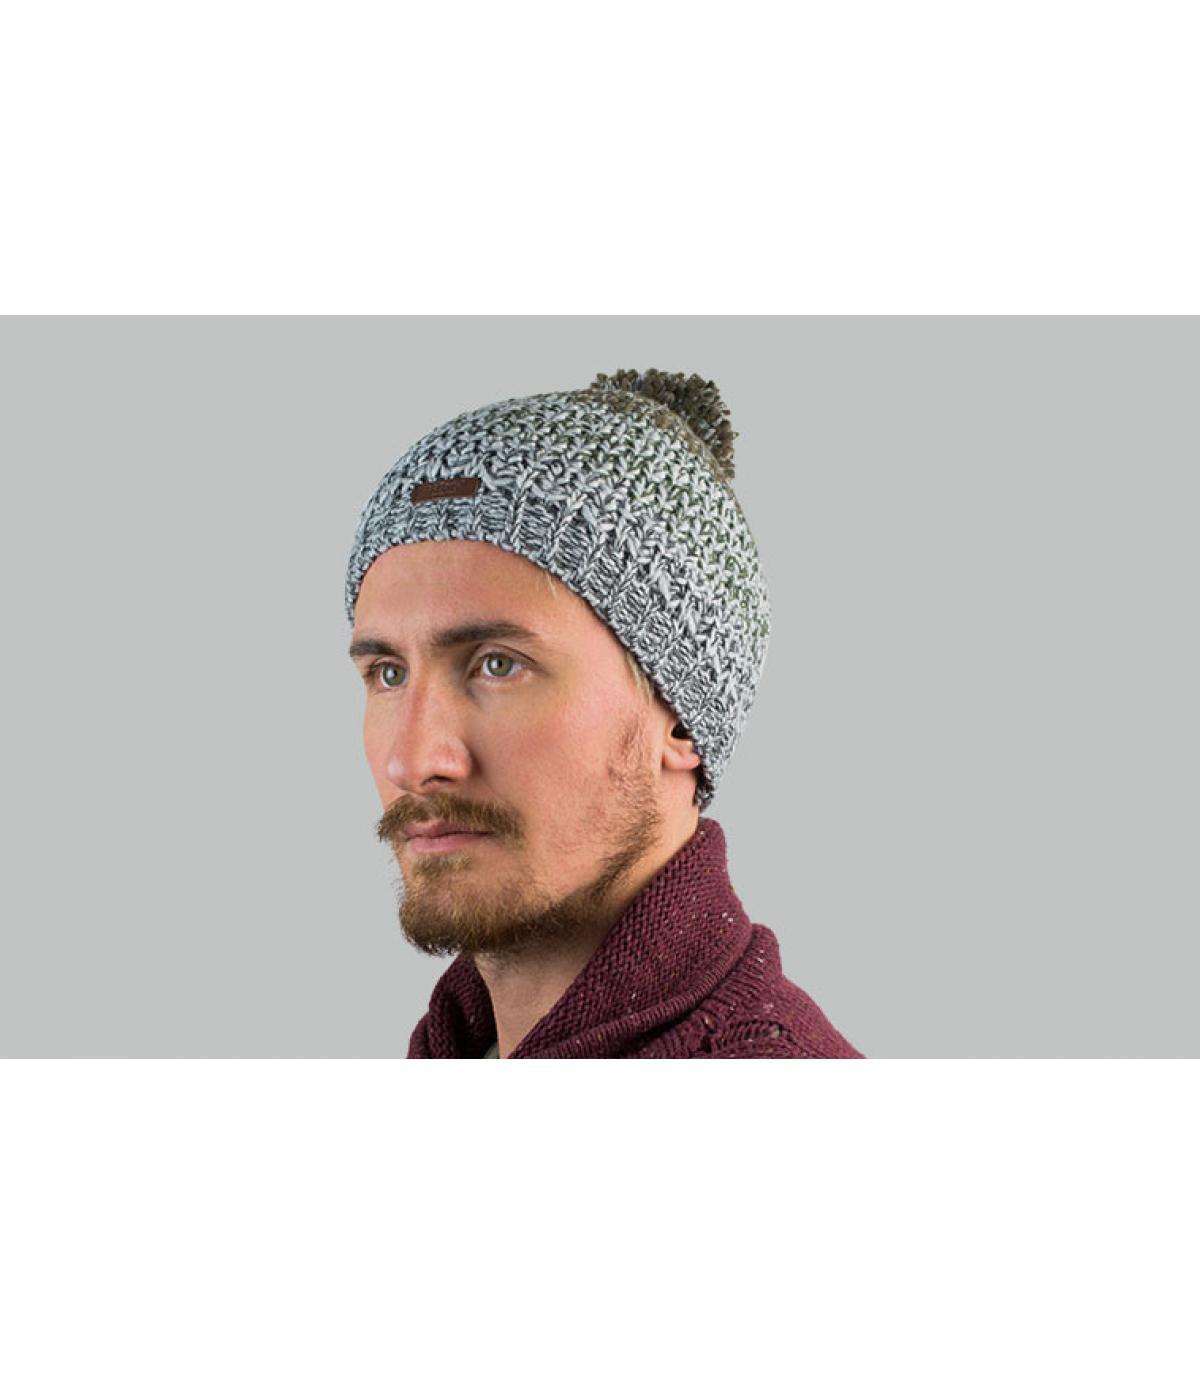 cappello a righe grigio pompon